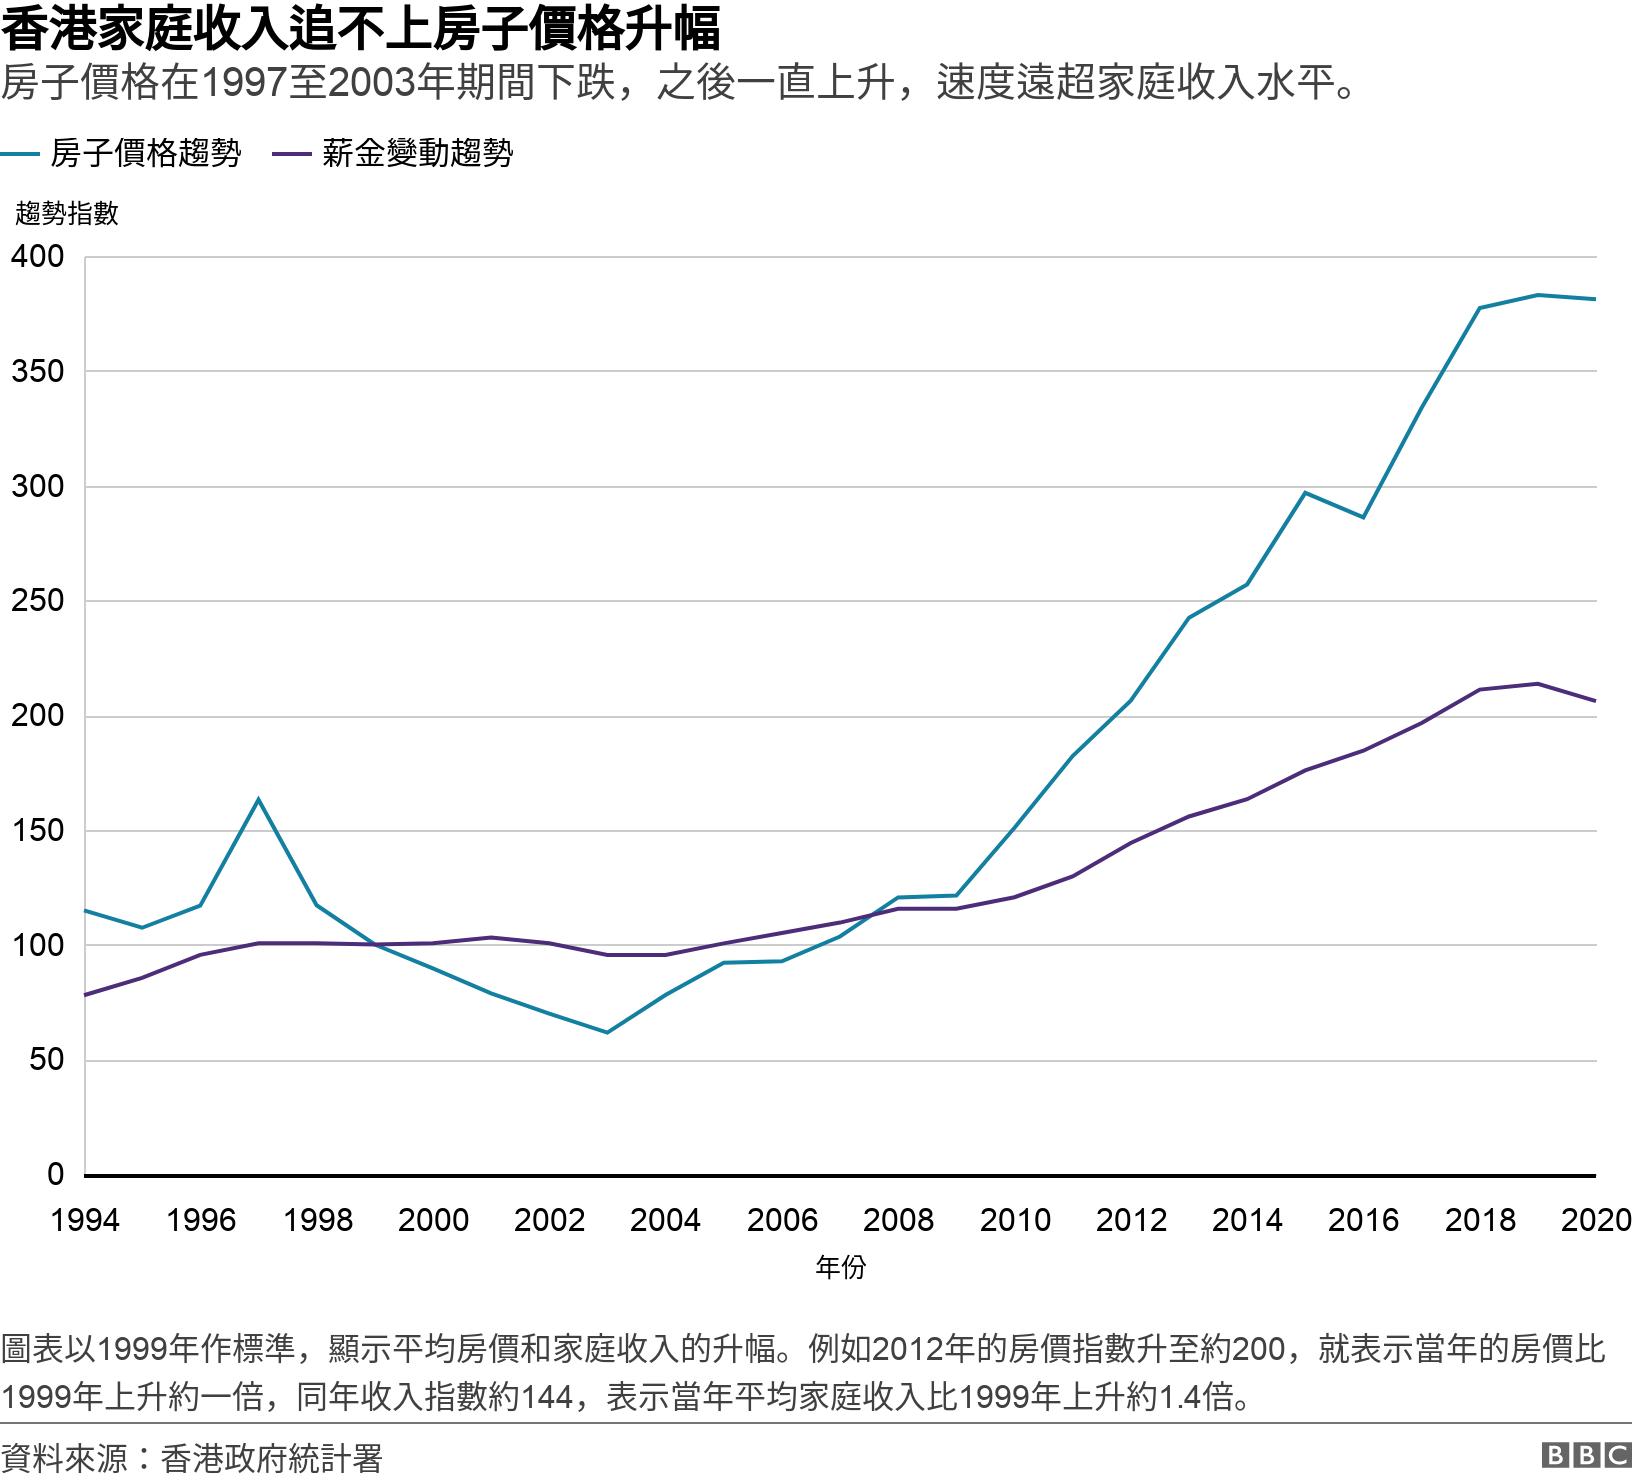 香港家庭收入追不上房子價格升幅. 房子價格在1997至2003年期間下跌,之後一直上升,速度遠超家庭收入水平。.  圖表以1999年作標準,顯示平均房價和家庭收入的升幅。例如2012年的房價指數升至約200,就表示當年的房價比1999年上升約一倍,同年收入指數約144,表示當年平均家庭收入比1999年上升約1.4倍。.